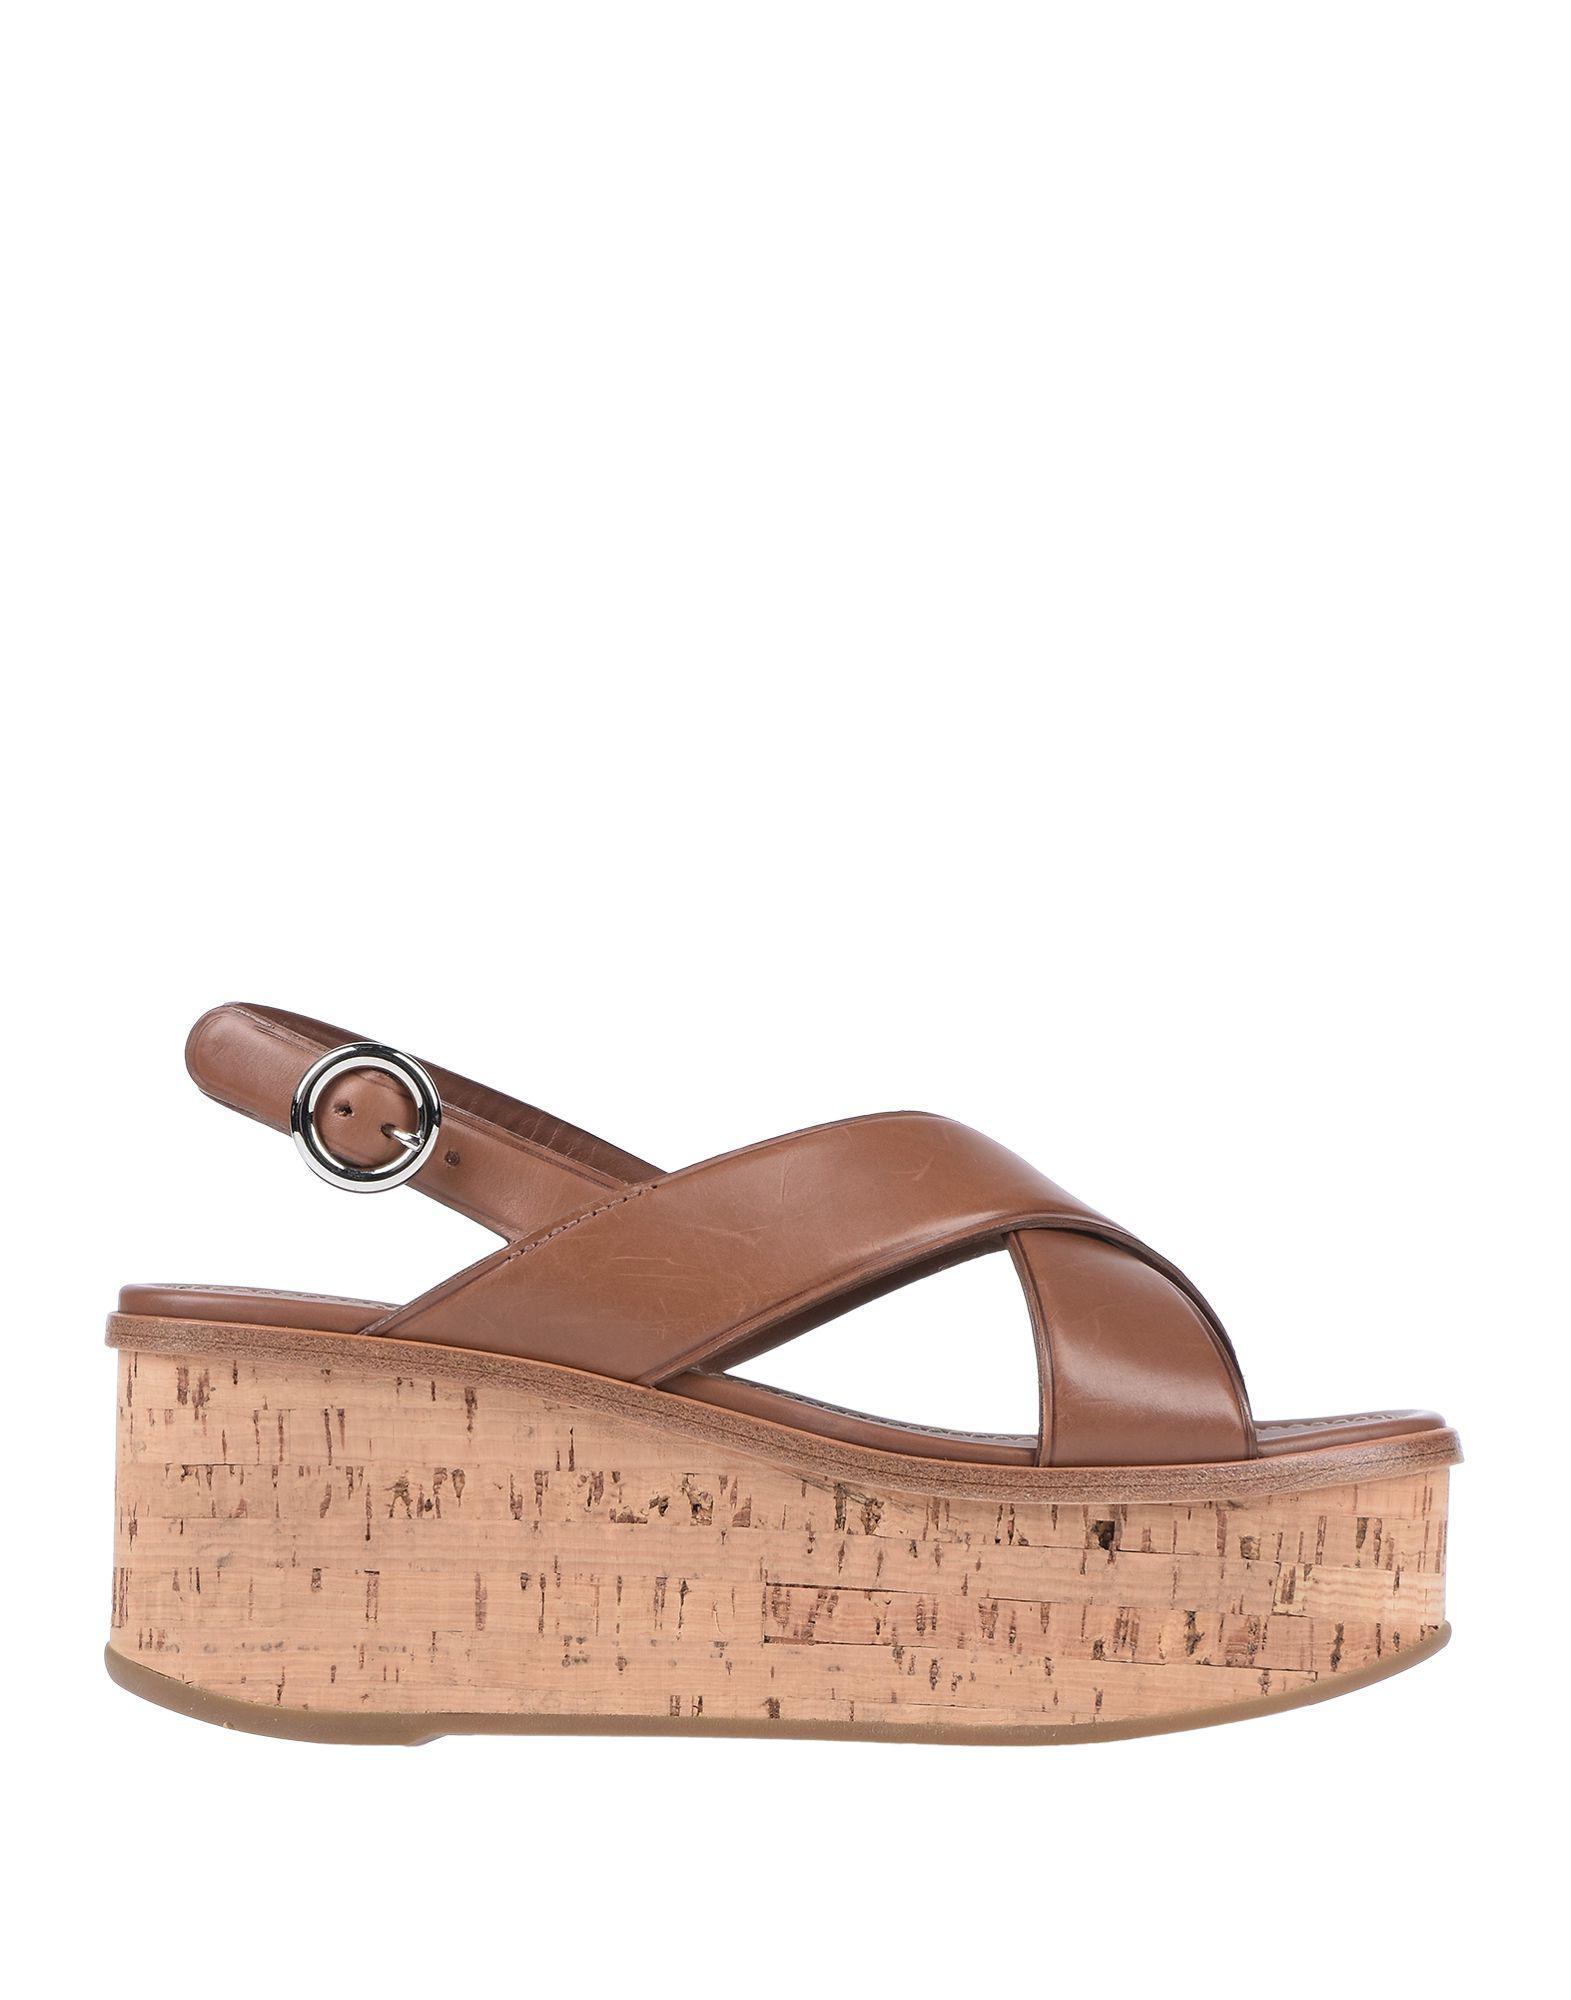 3f16ea5ce668 Lyst - Prada Sandals in Natural